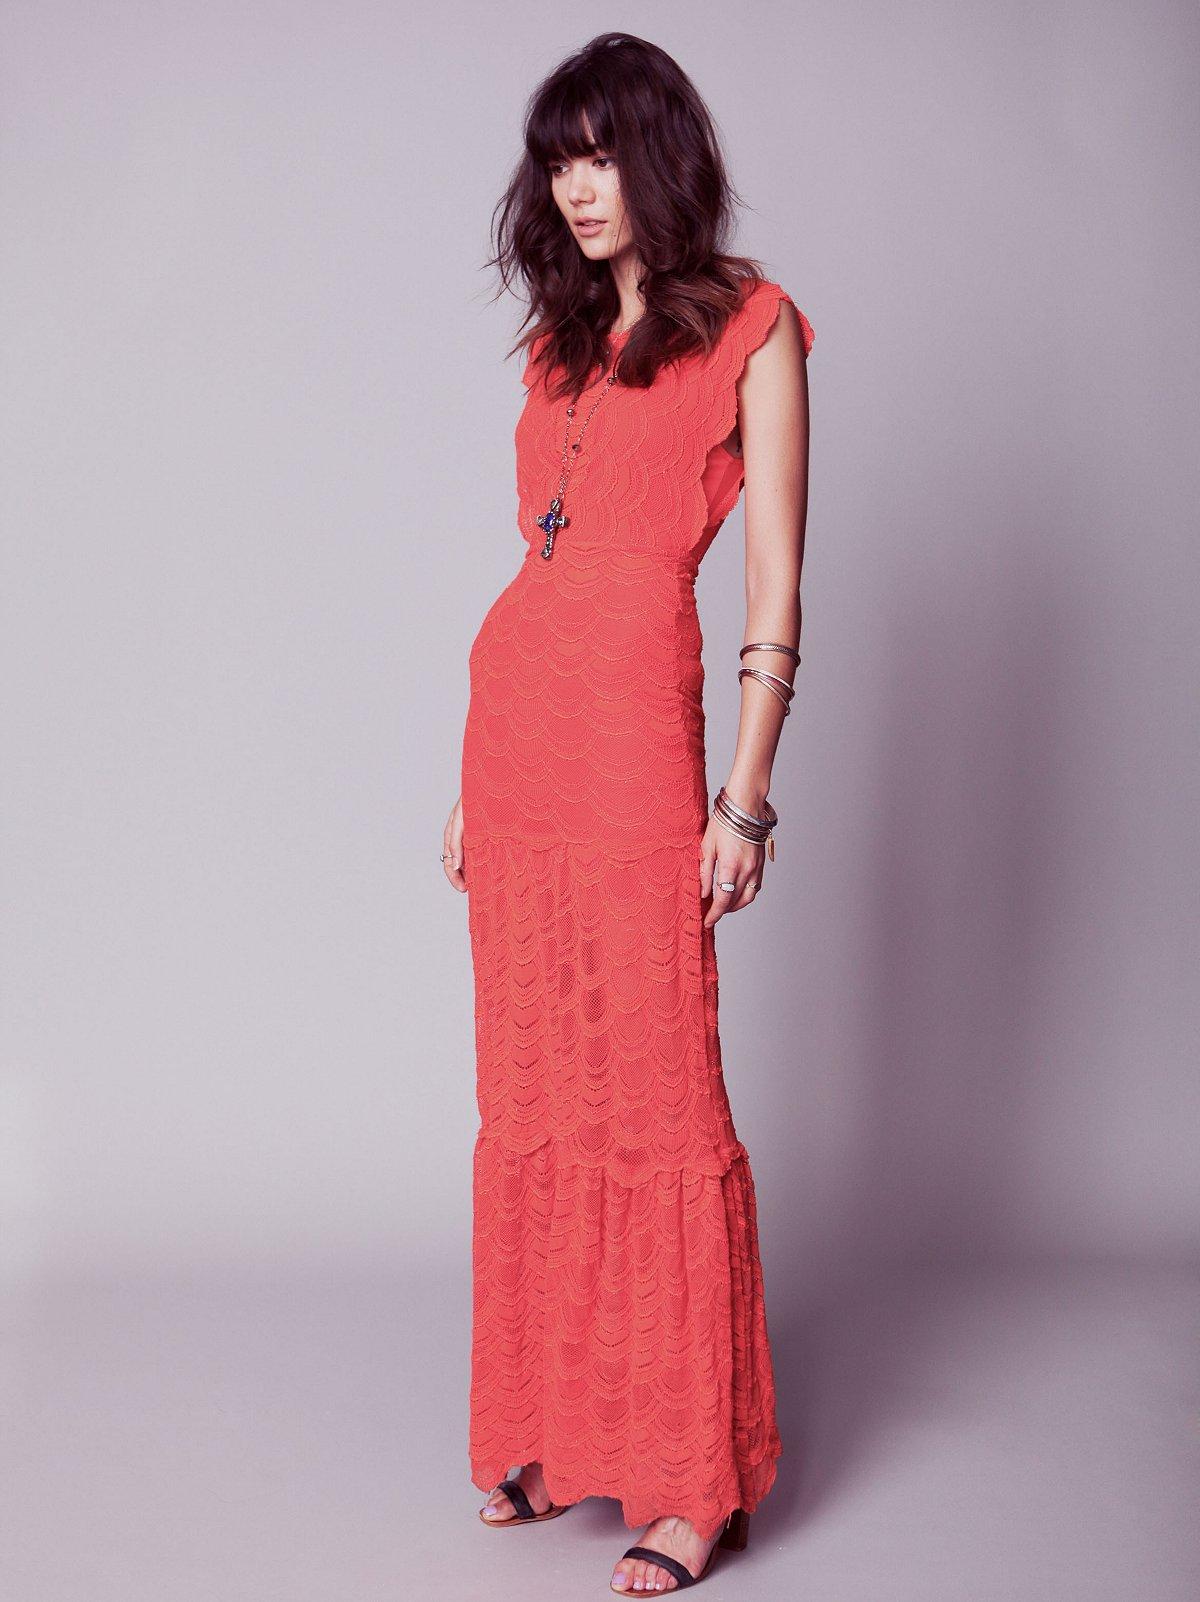 Caletto Maxi Dress